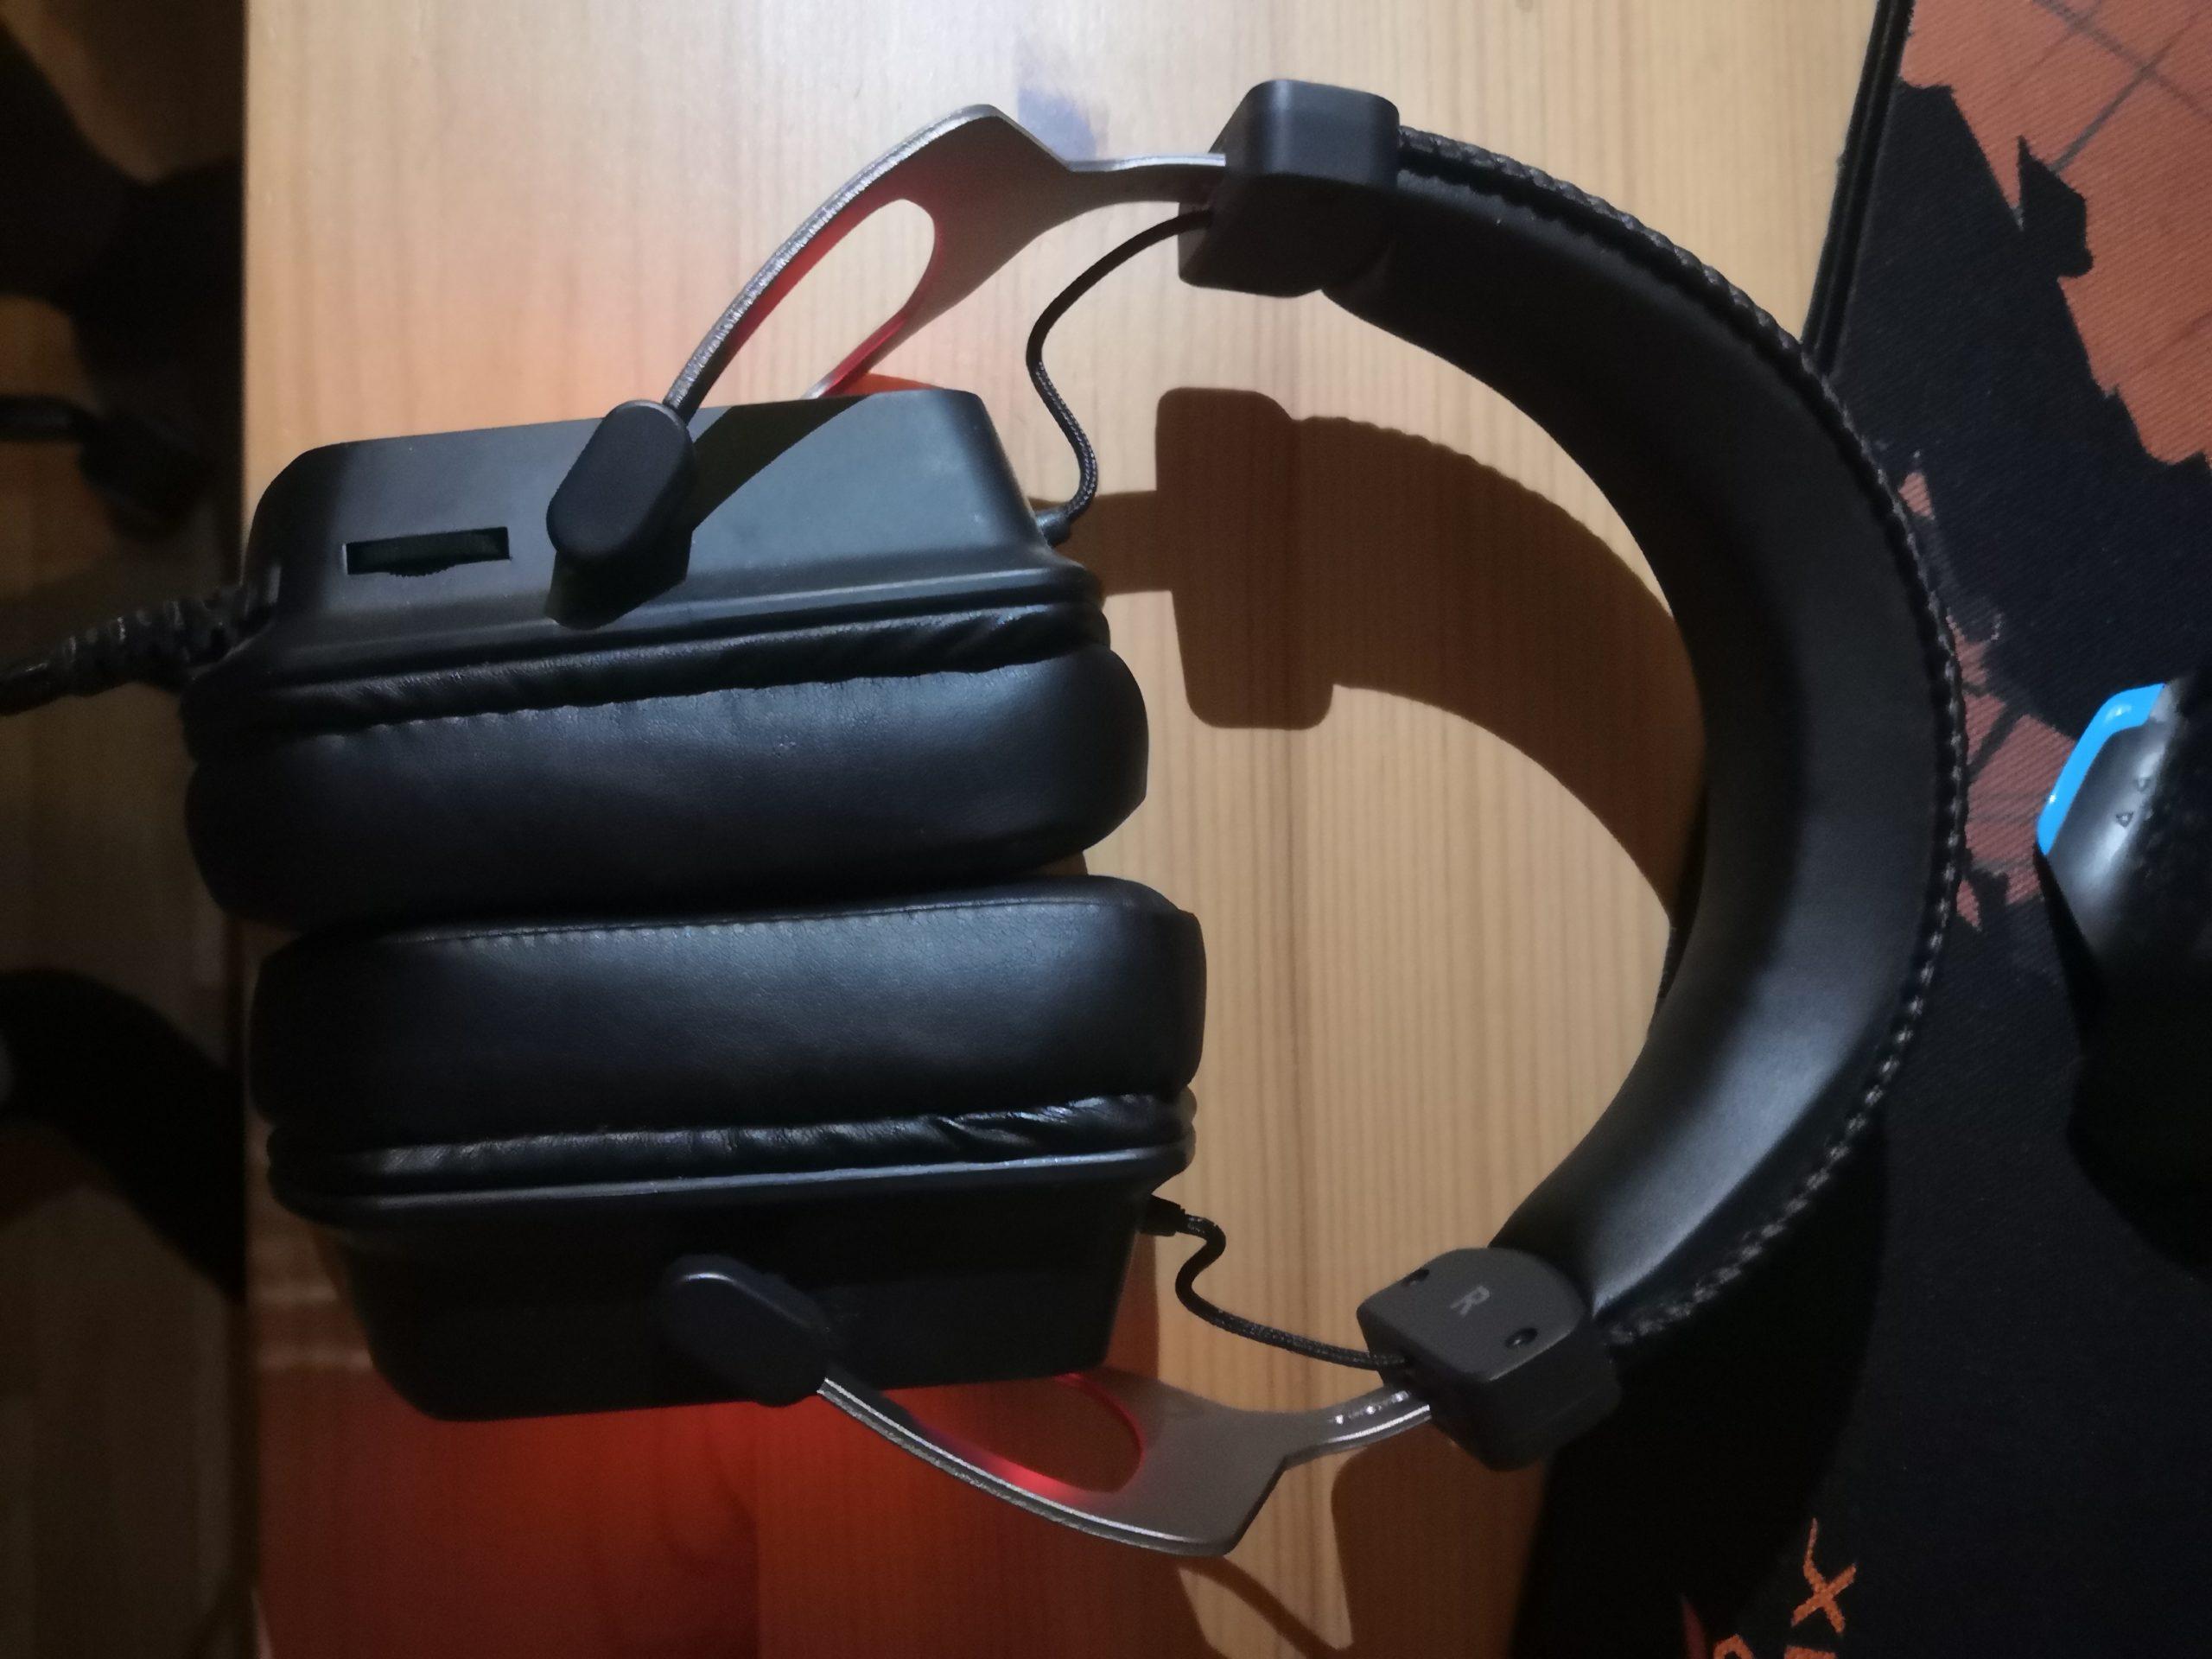 Obrázek: Patriot Viper V380 jsou skvělá herní sluchátka snepříliš povedeným mikrofonem